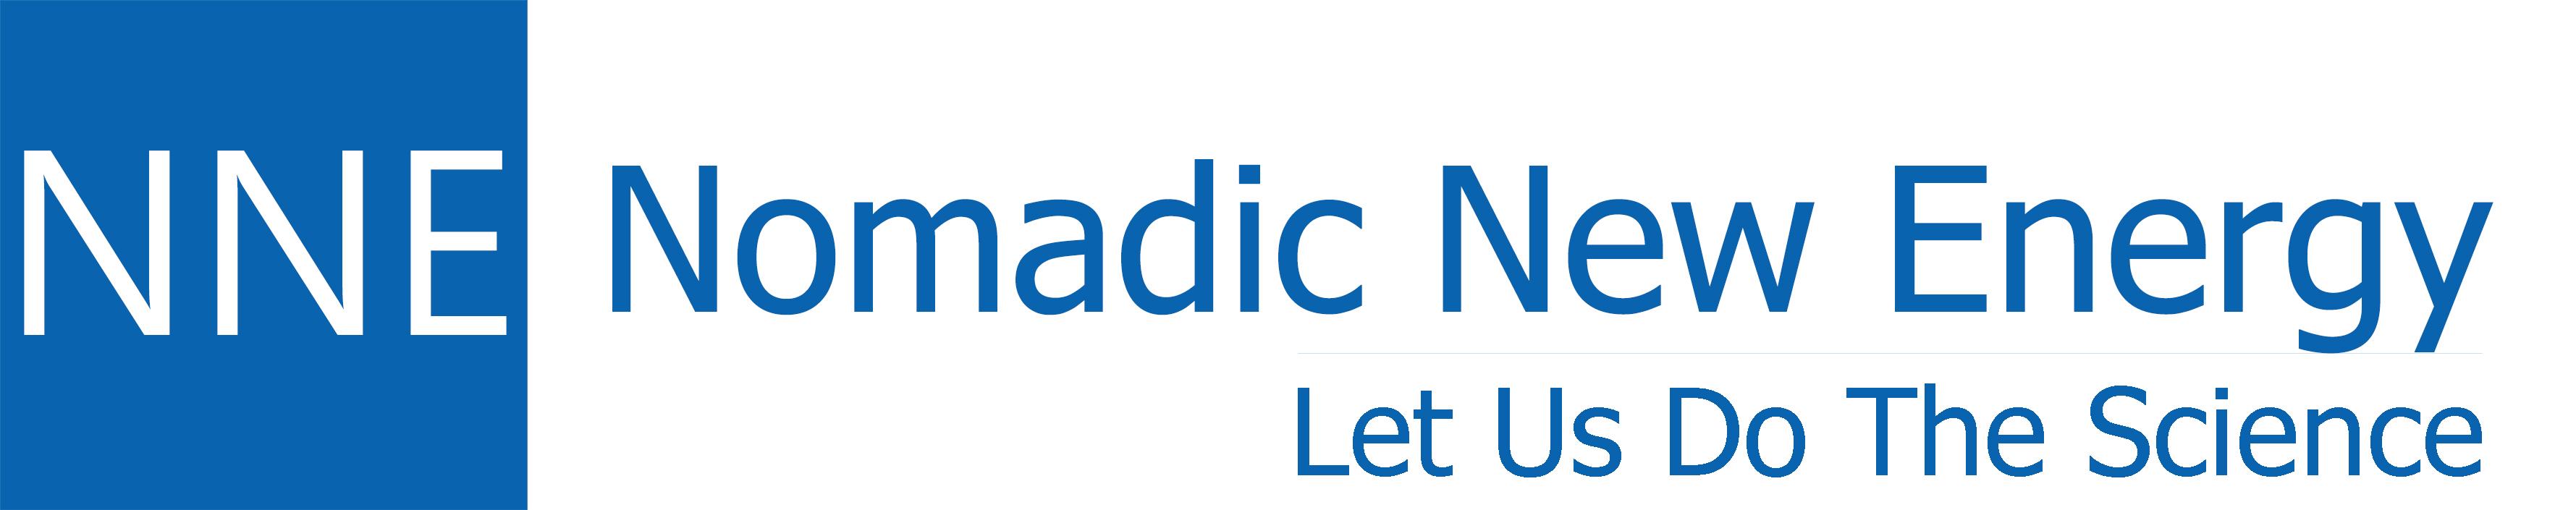 CN: Nomadic New Energy